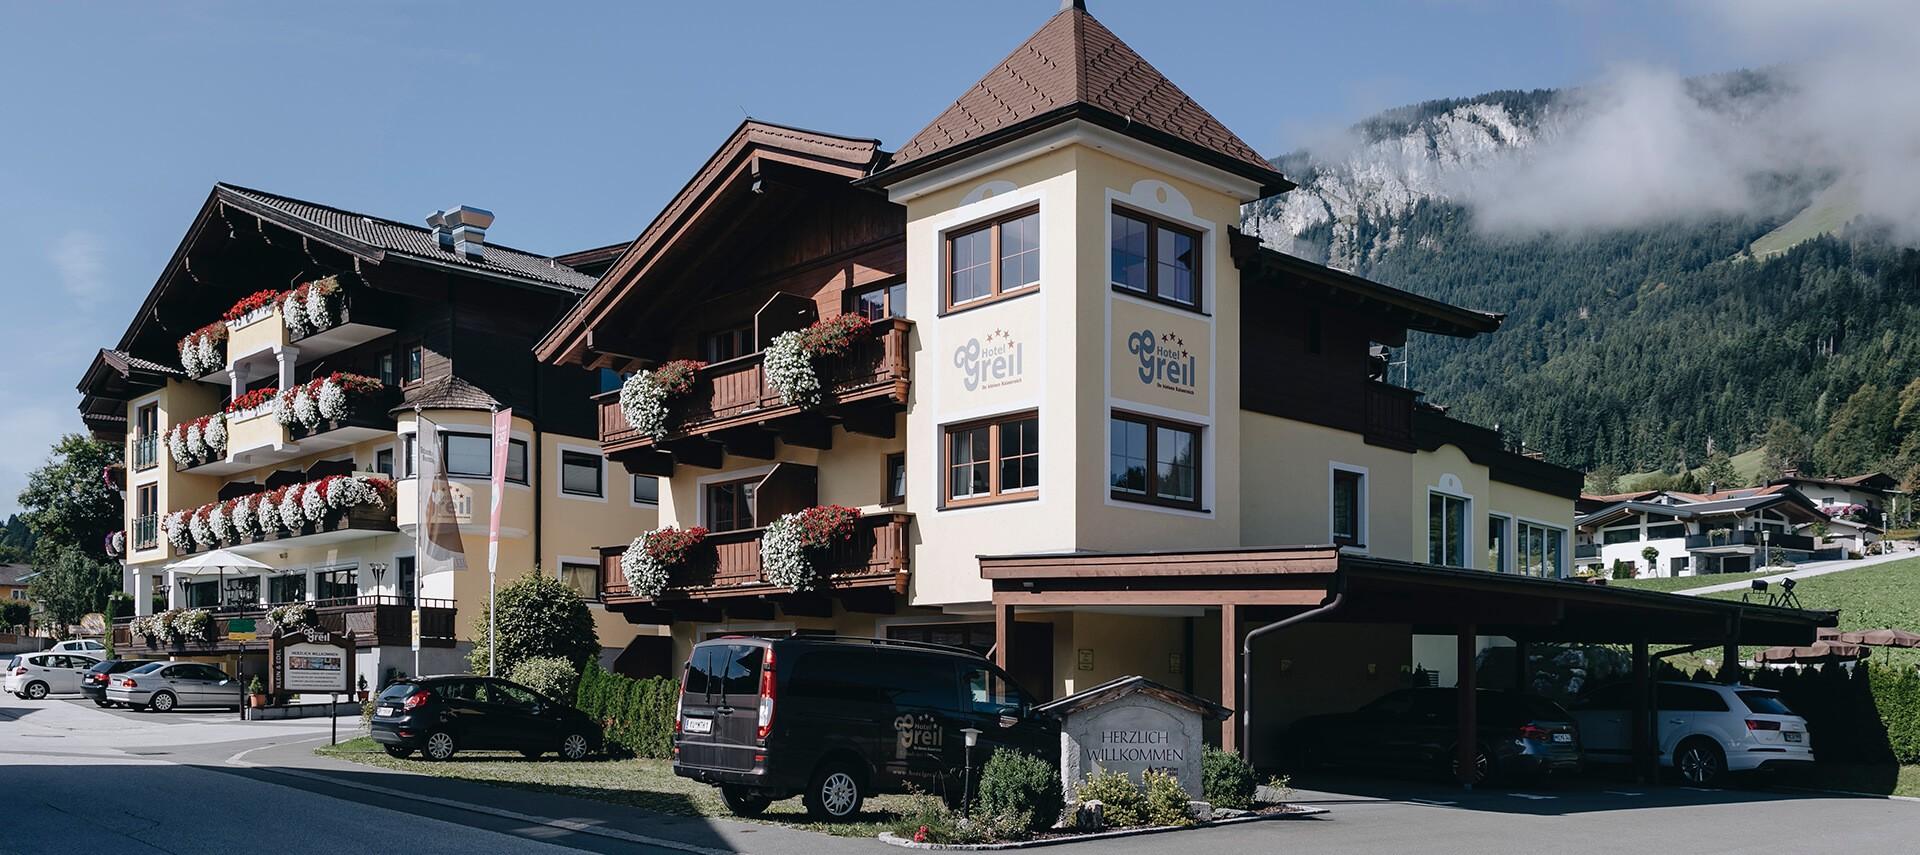 1 - Hotel der Greil - 2021-04